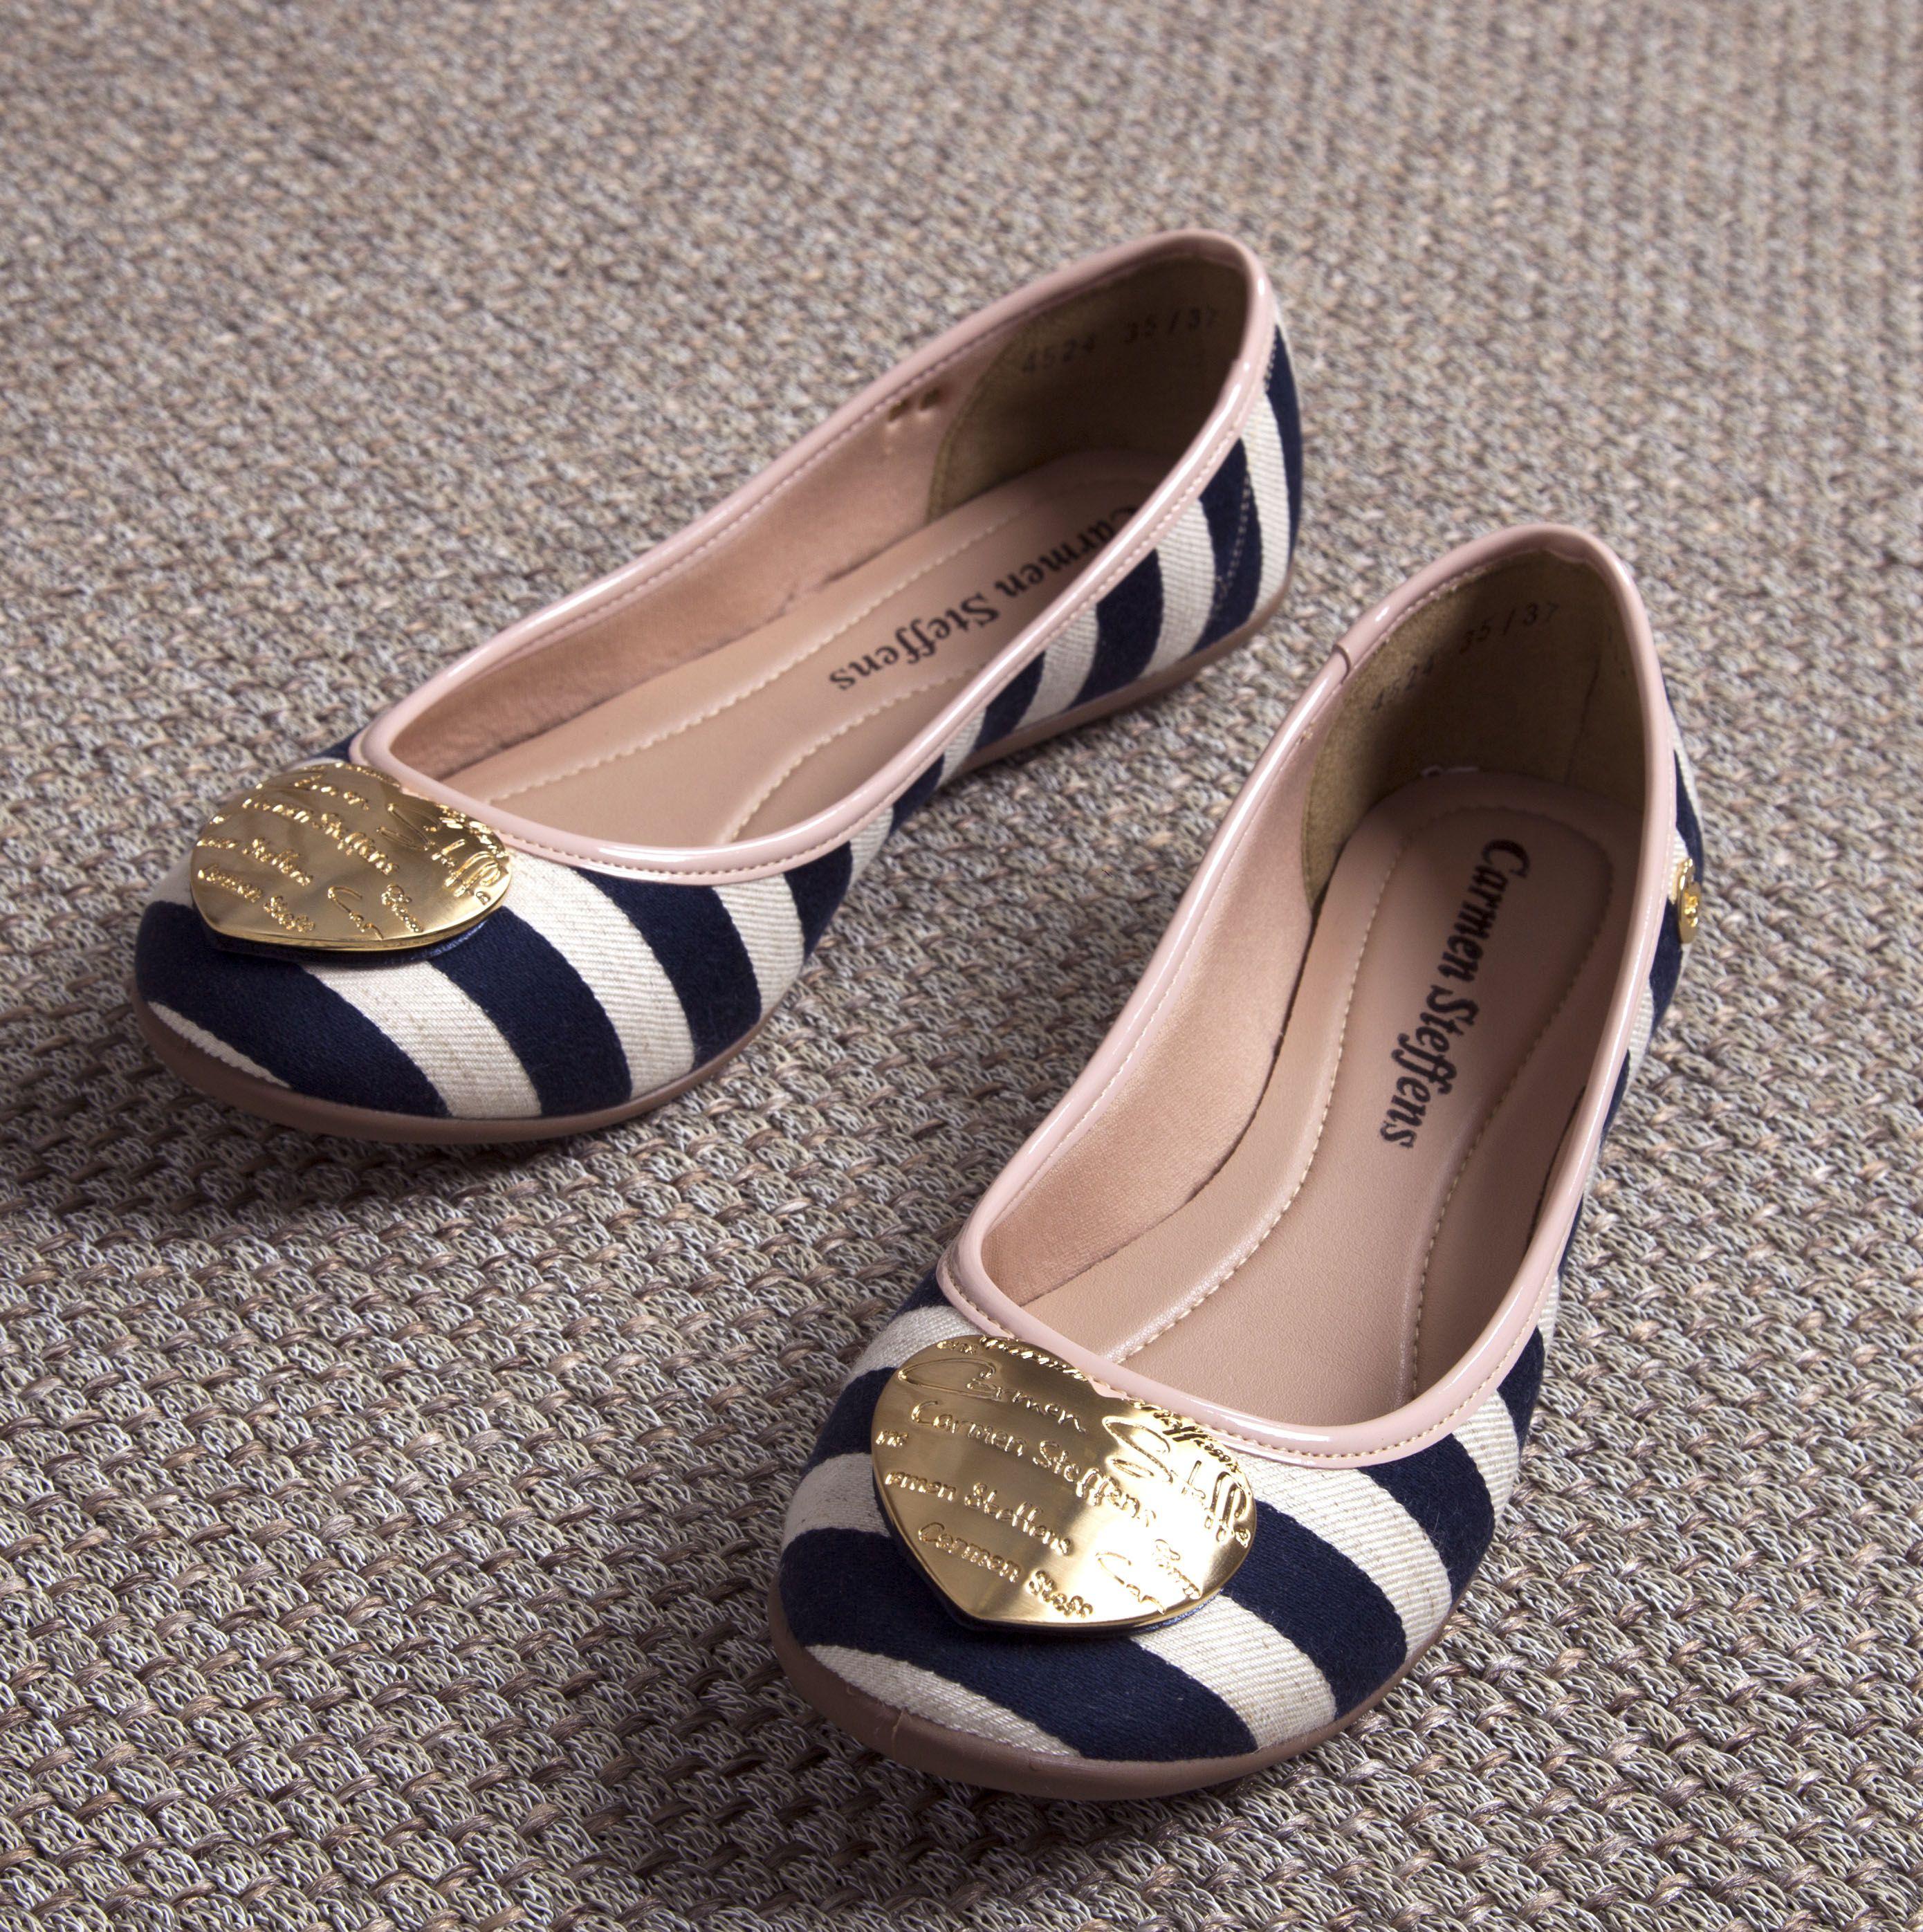 fb97e25942 Sapatilha Navy Carmen Steffens! Todo conforto e charme traduzidos neste  calçado!